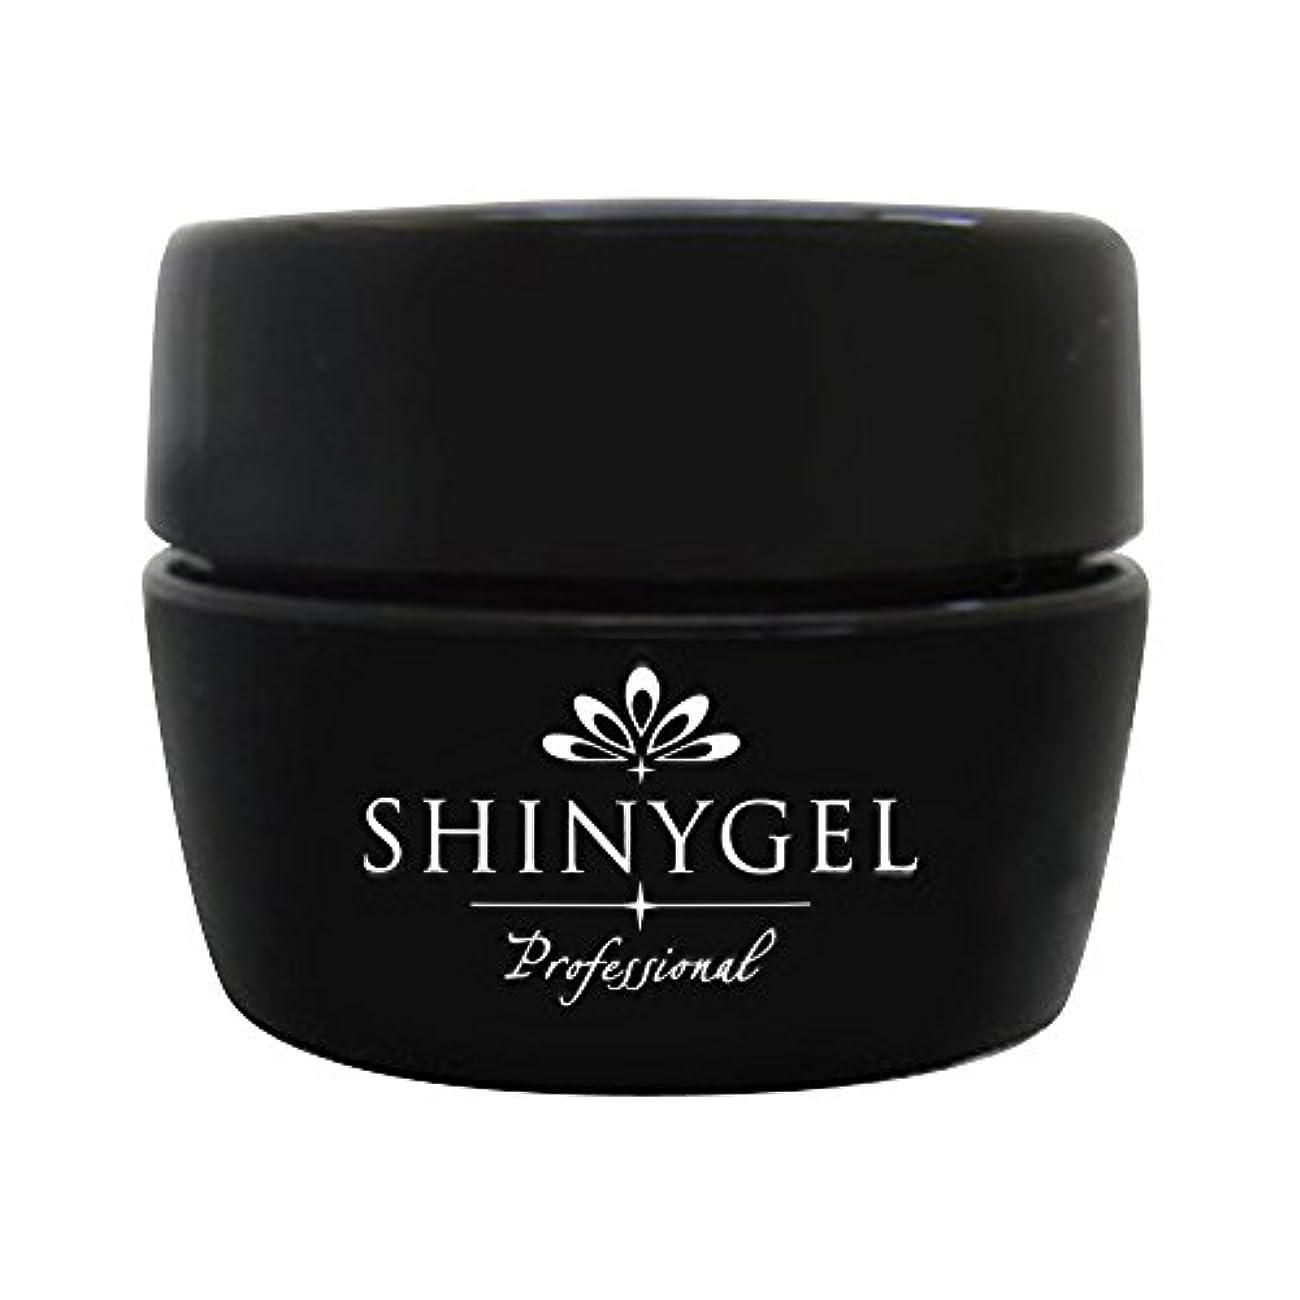 憂慮すべき本質的ではない浸漬SHINY GEL(シャイニージェル) シャイニージェル カラー4g ライトアプリコット260 UV/LED対応 ジェルネイル